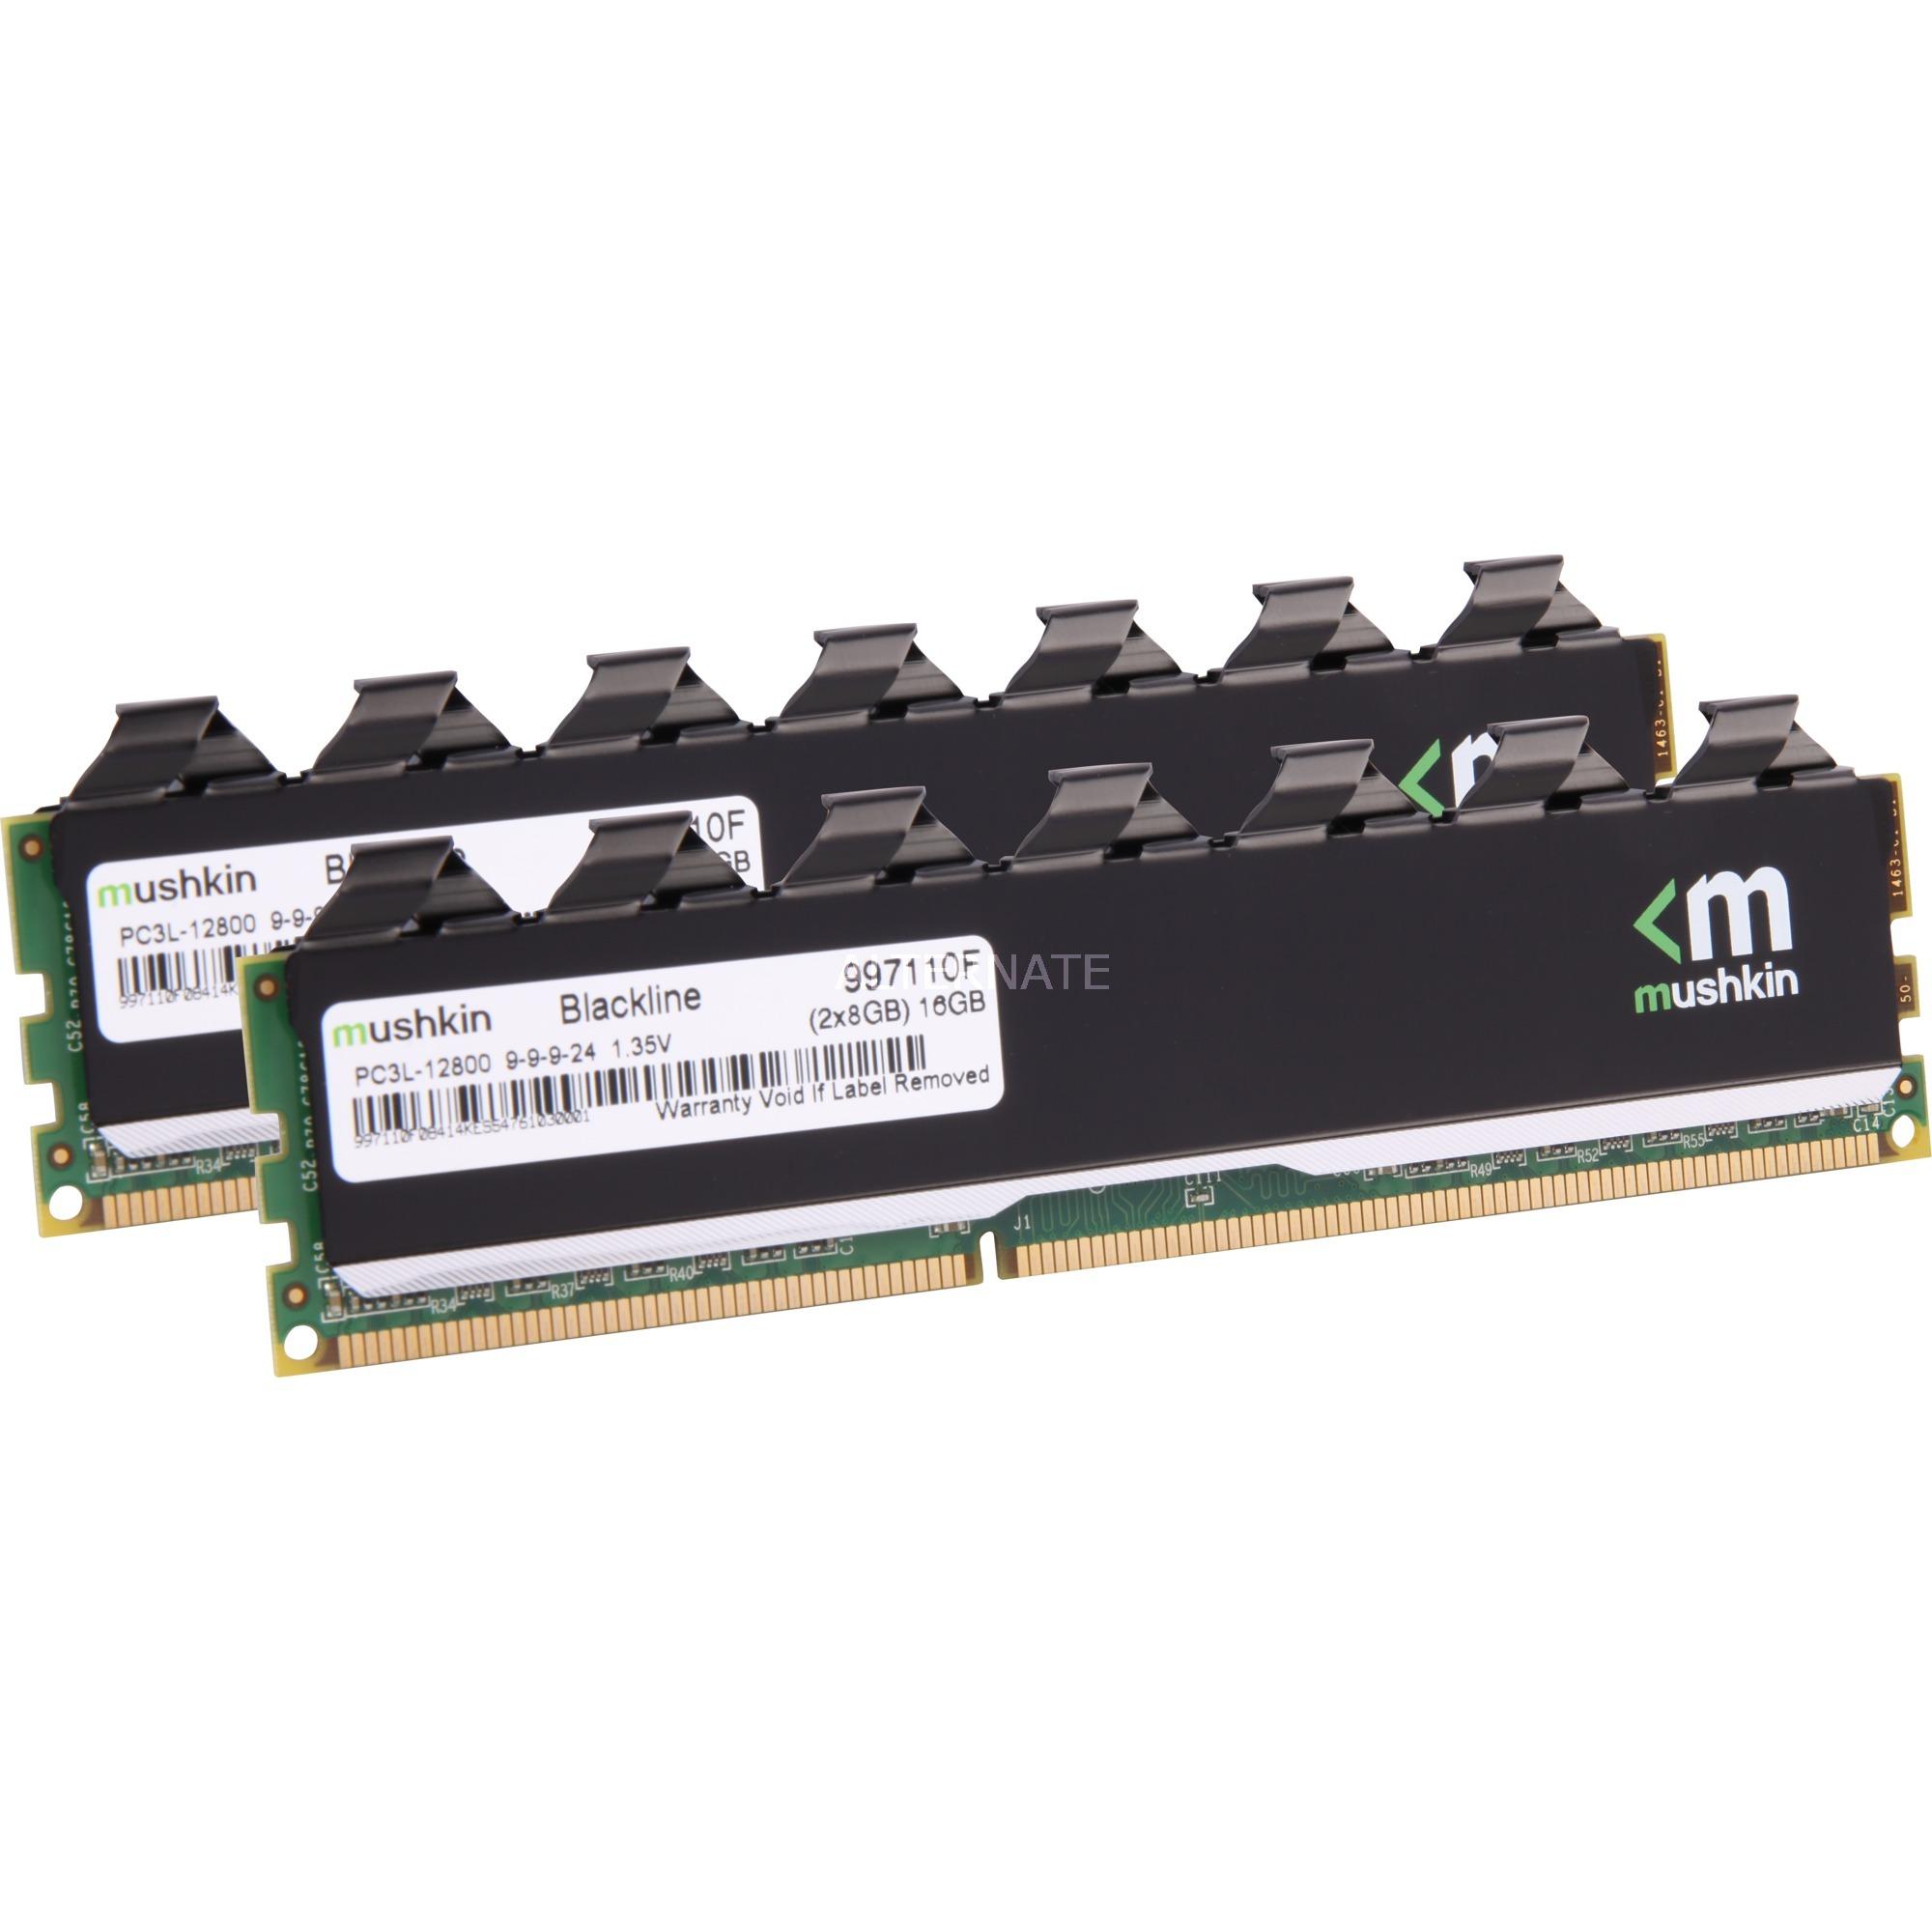 Blackline 16GB DDR3 16Go DDR3 1600MHz module de mémoire